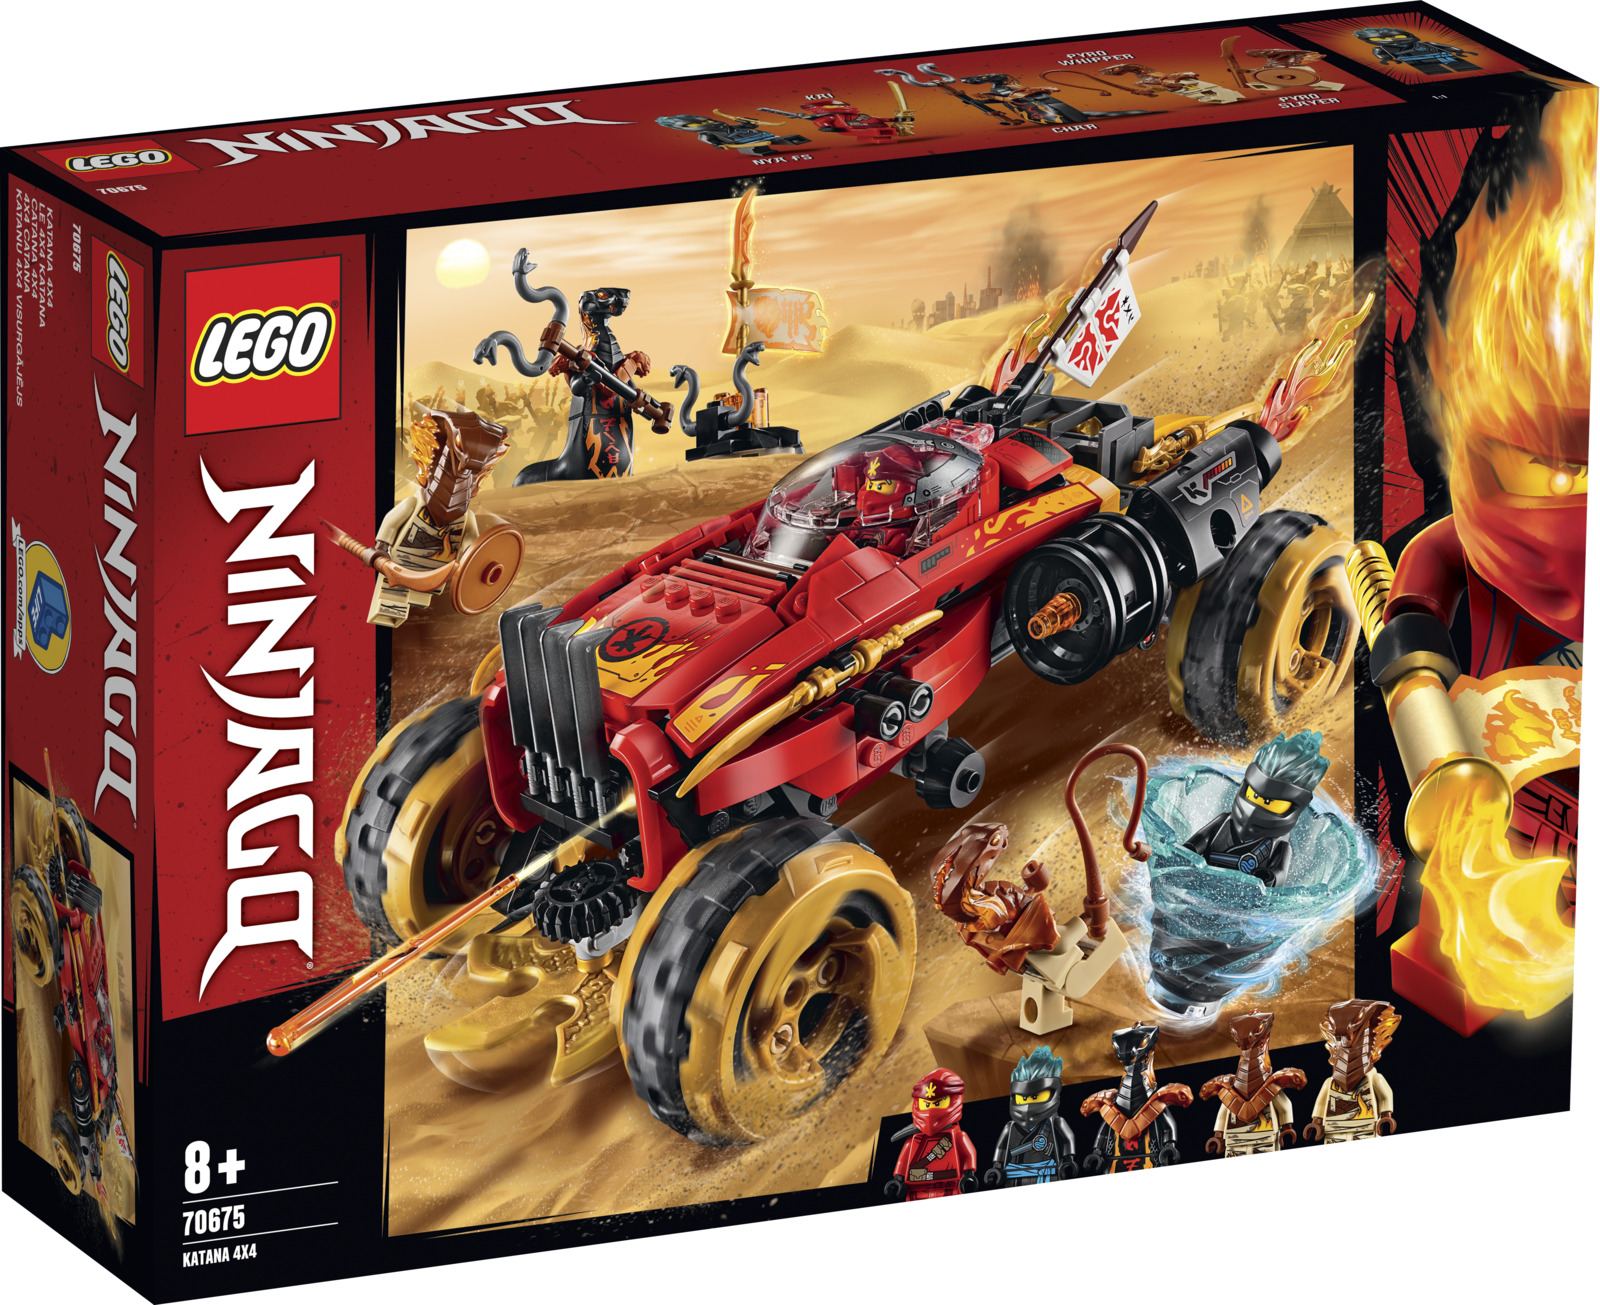 LEGO Ninjago 70675 Внедорожник Катана 4x4 Конструктор